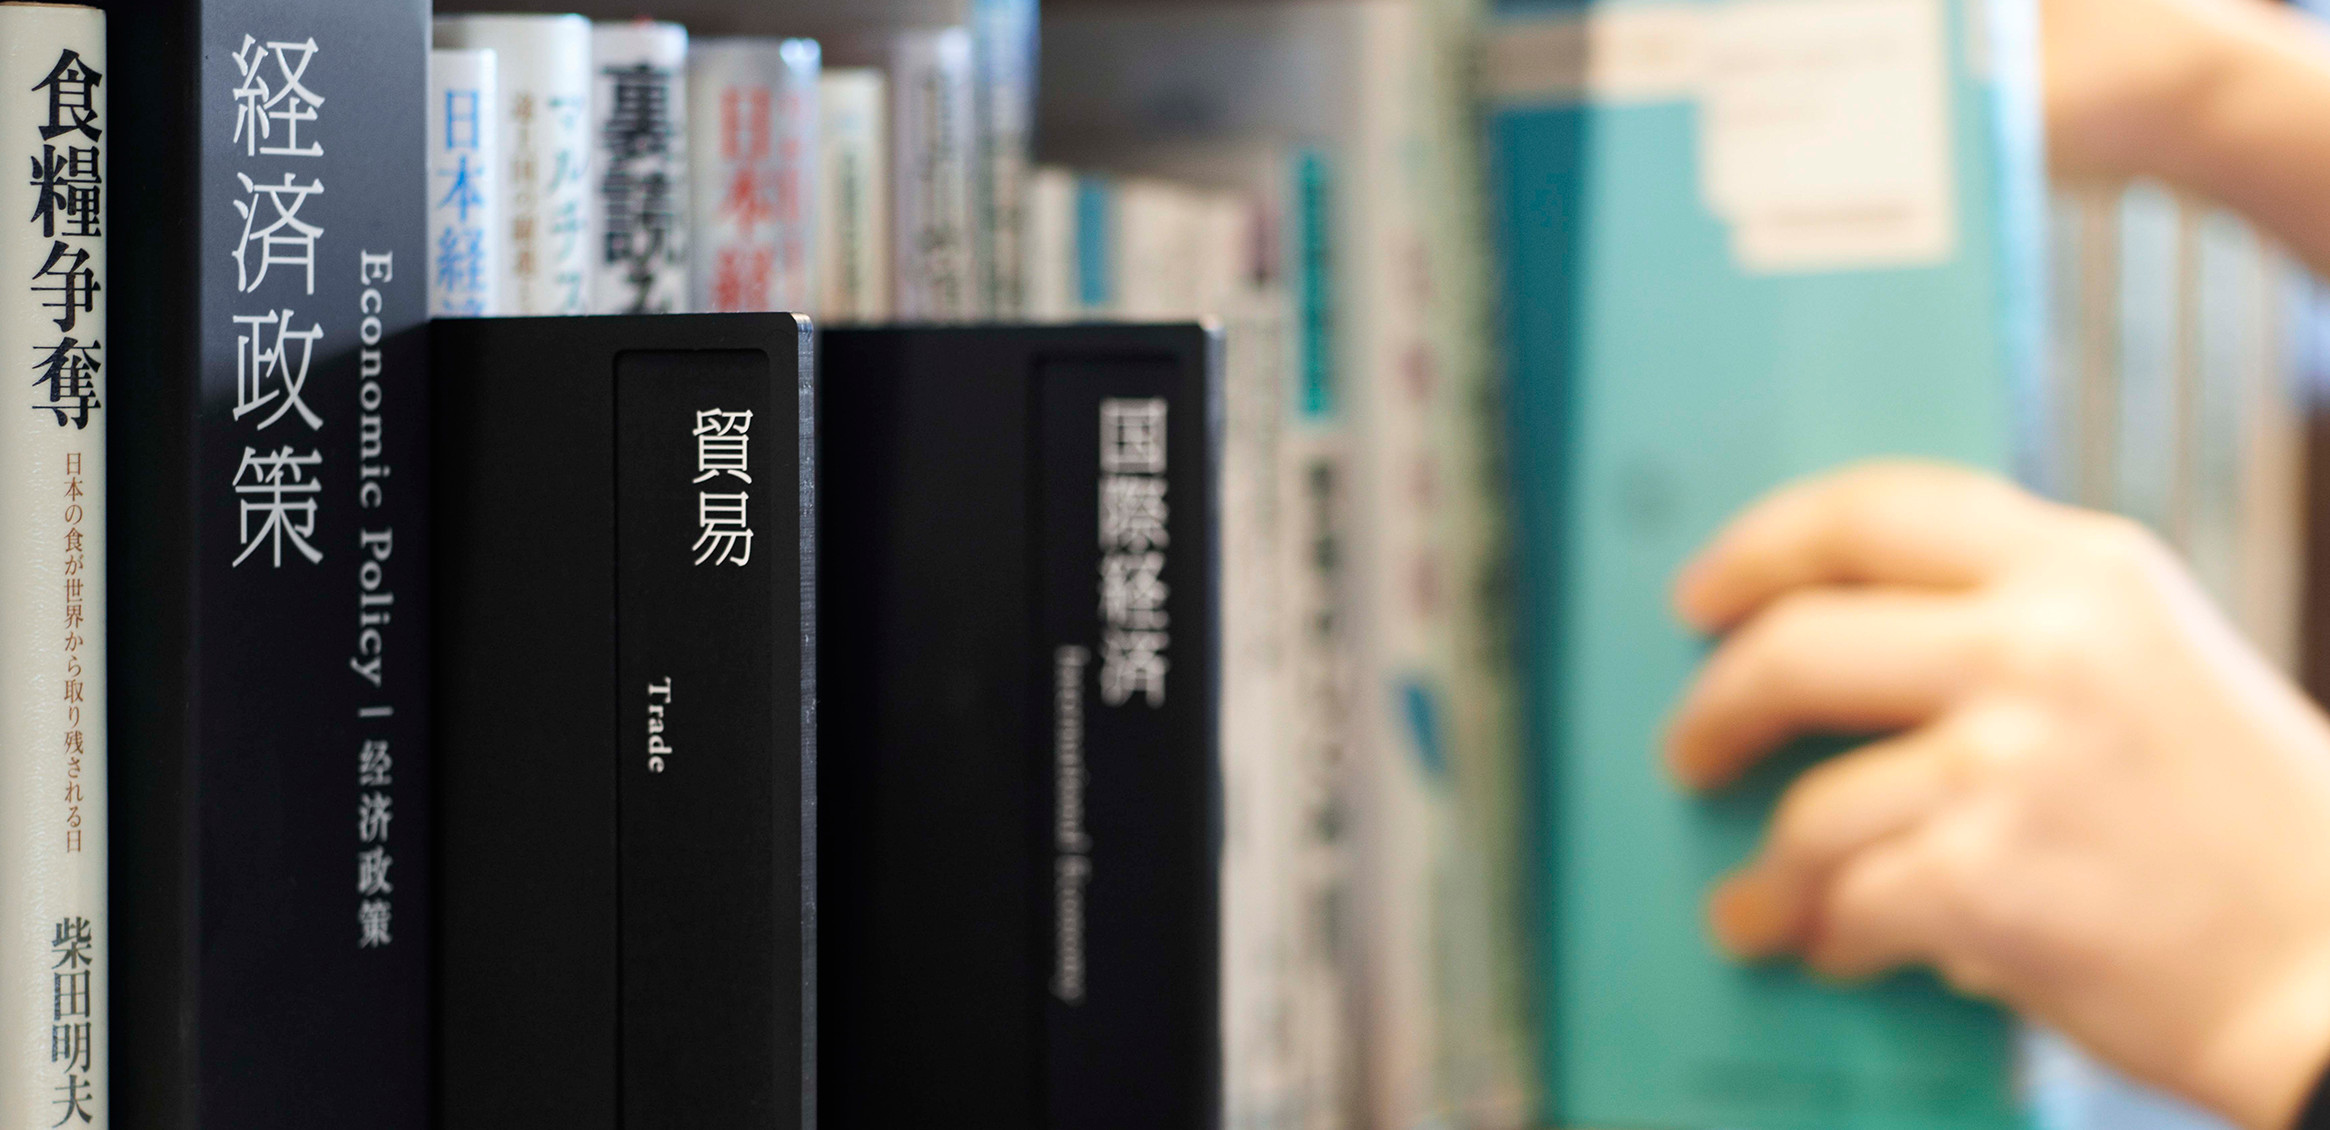 武雄市図書館5枚目